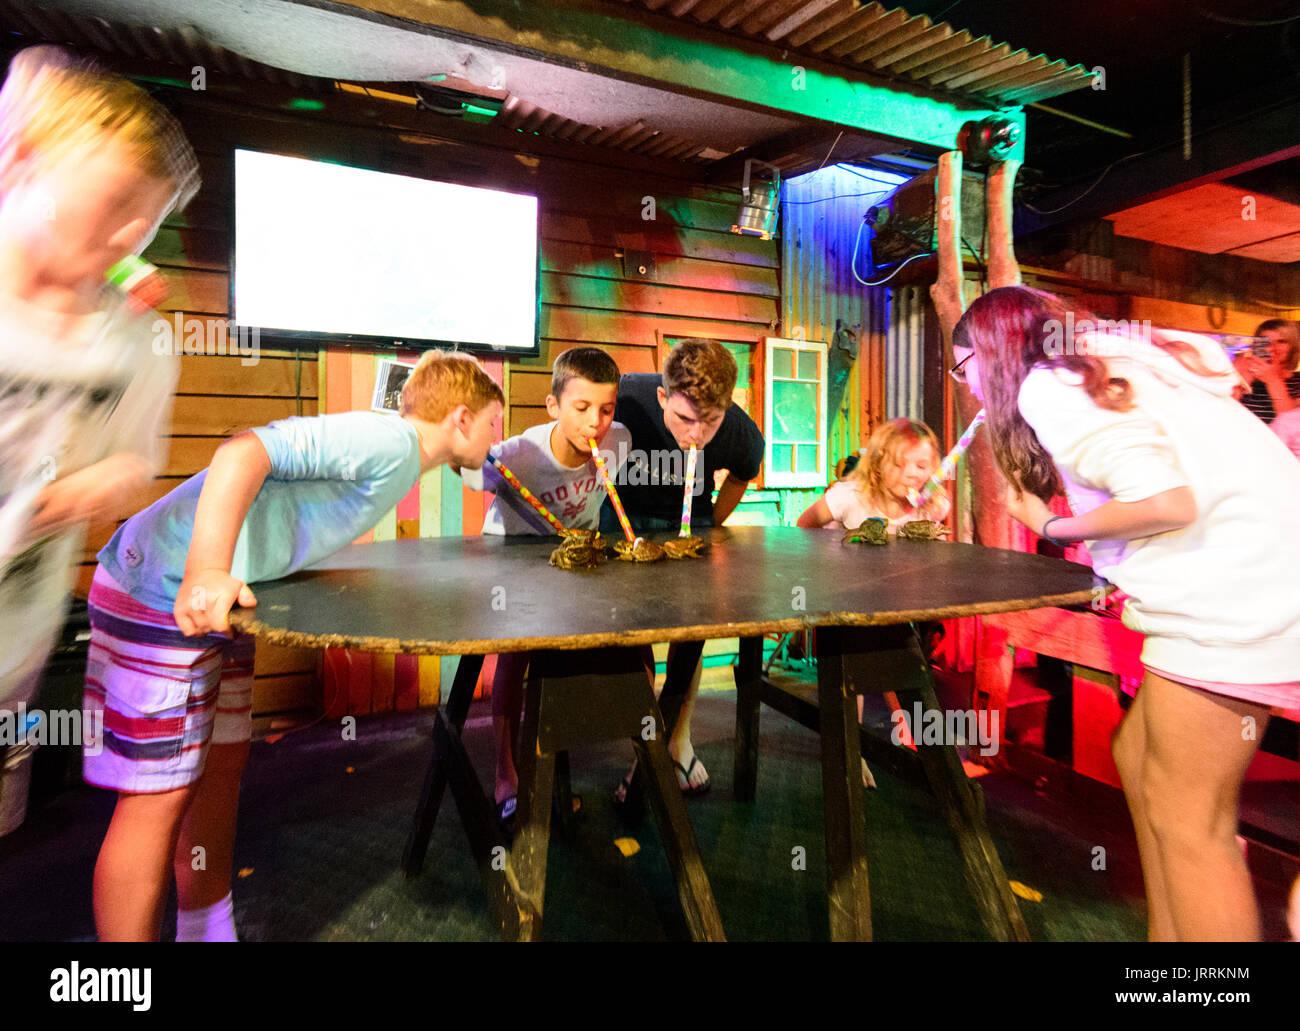 cane-toad-racing-evening-at-the-iron-bar